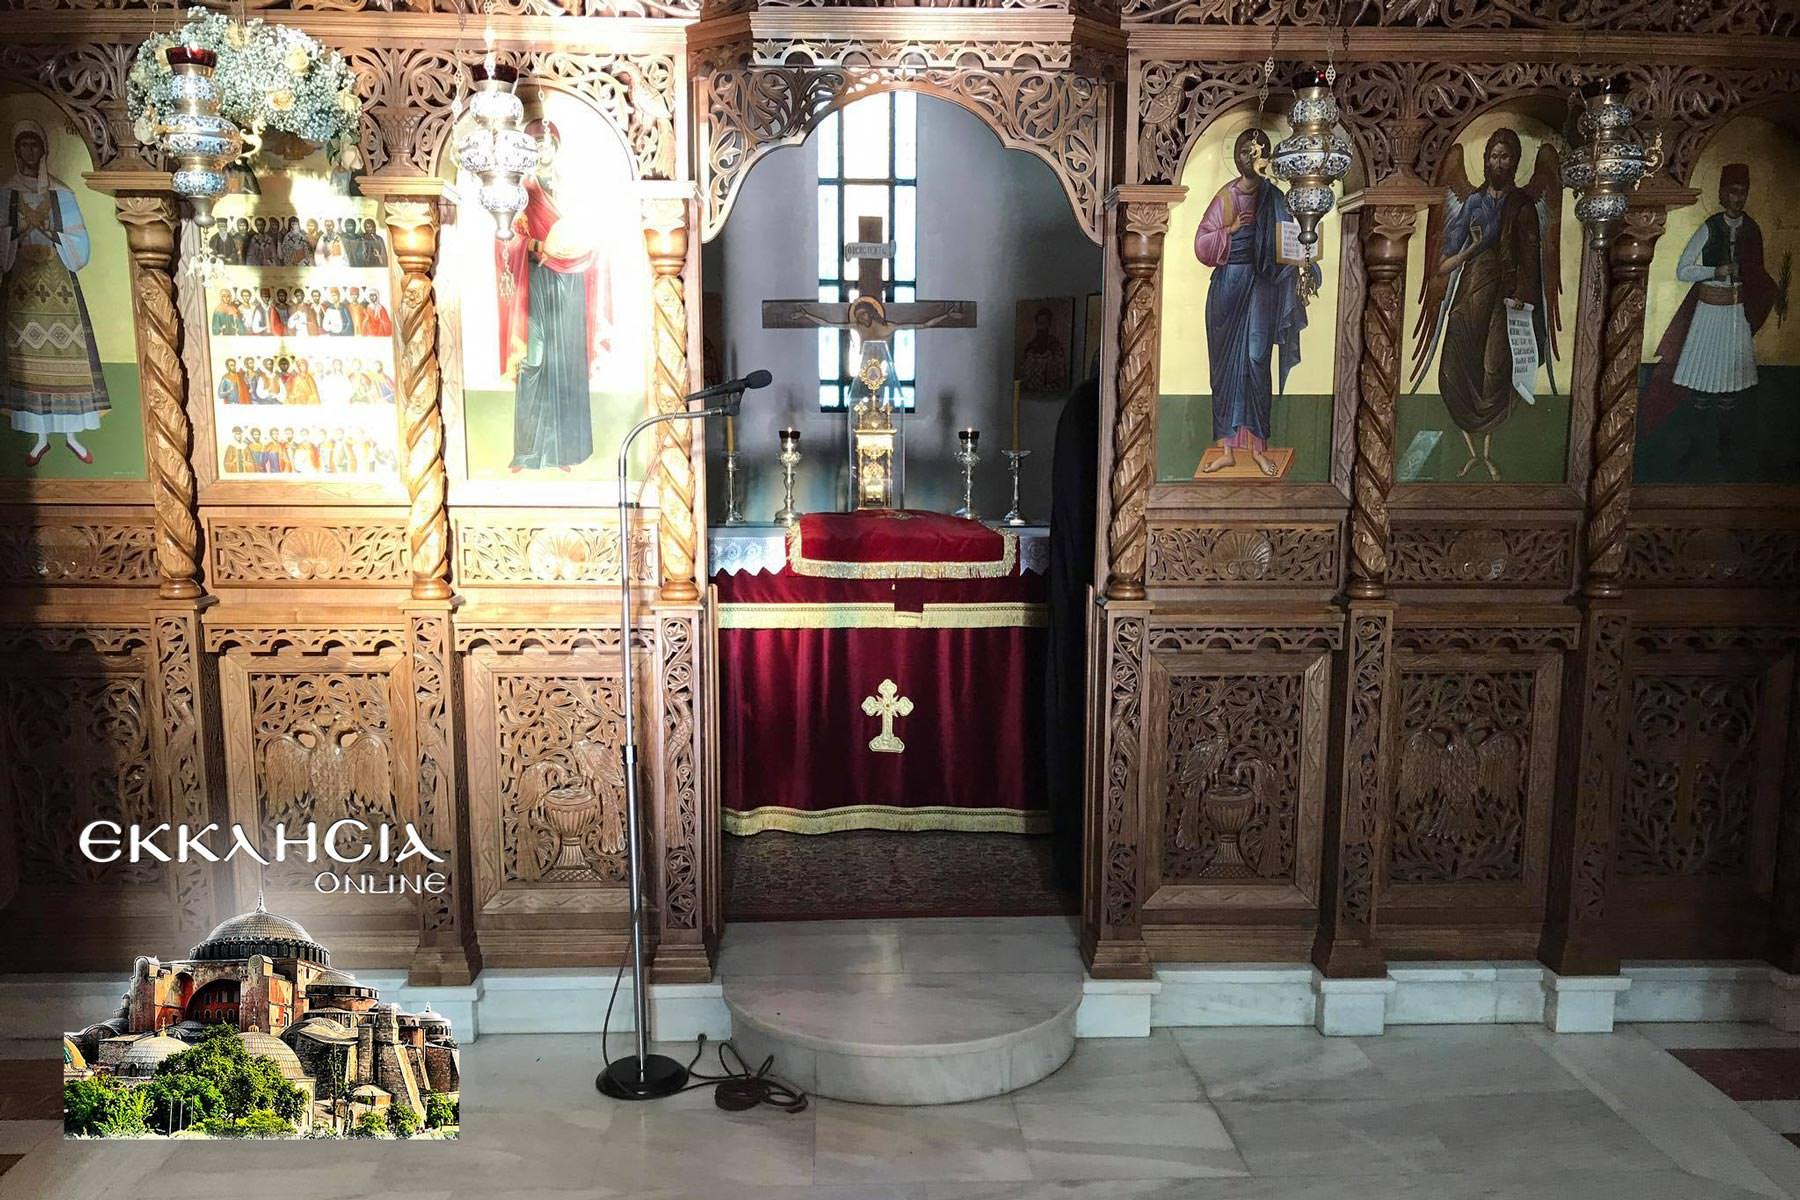 νεομαρτύρων Νταού Πεντέλης Ιερός Ναός Αγίου Κοσμά Αιτωλού Μαρούσι